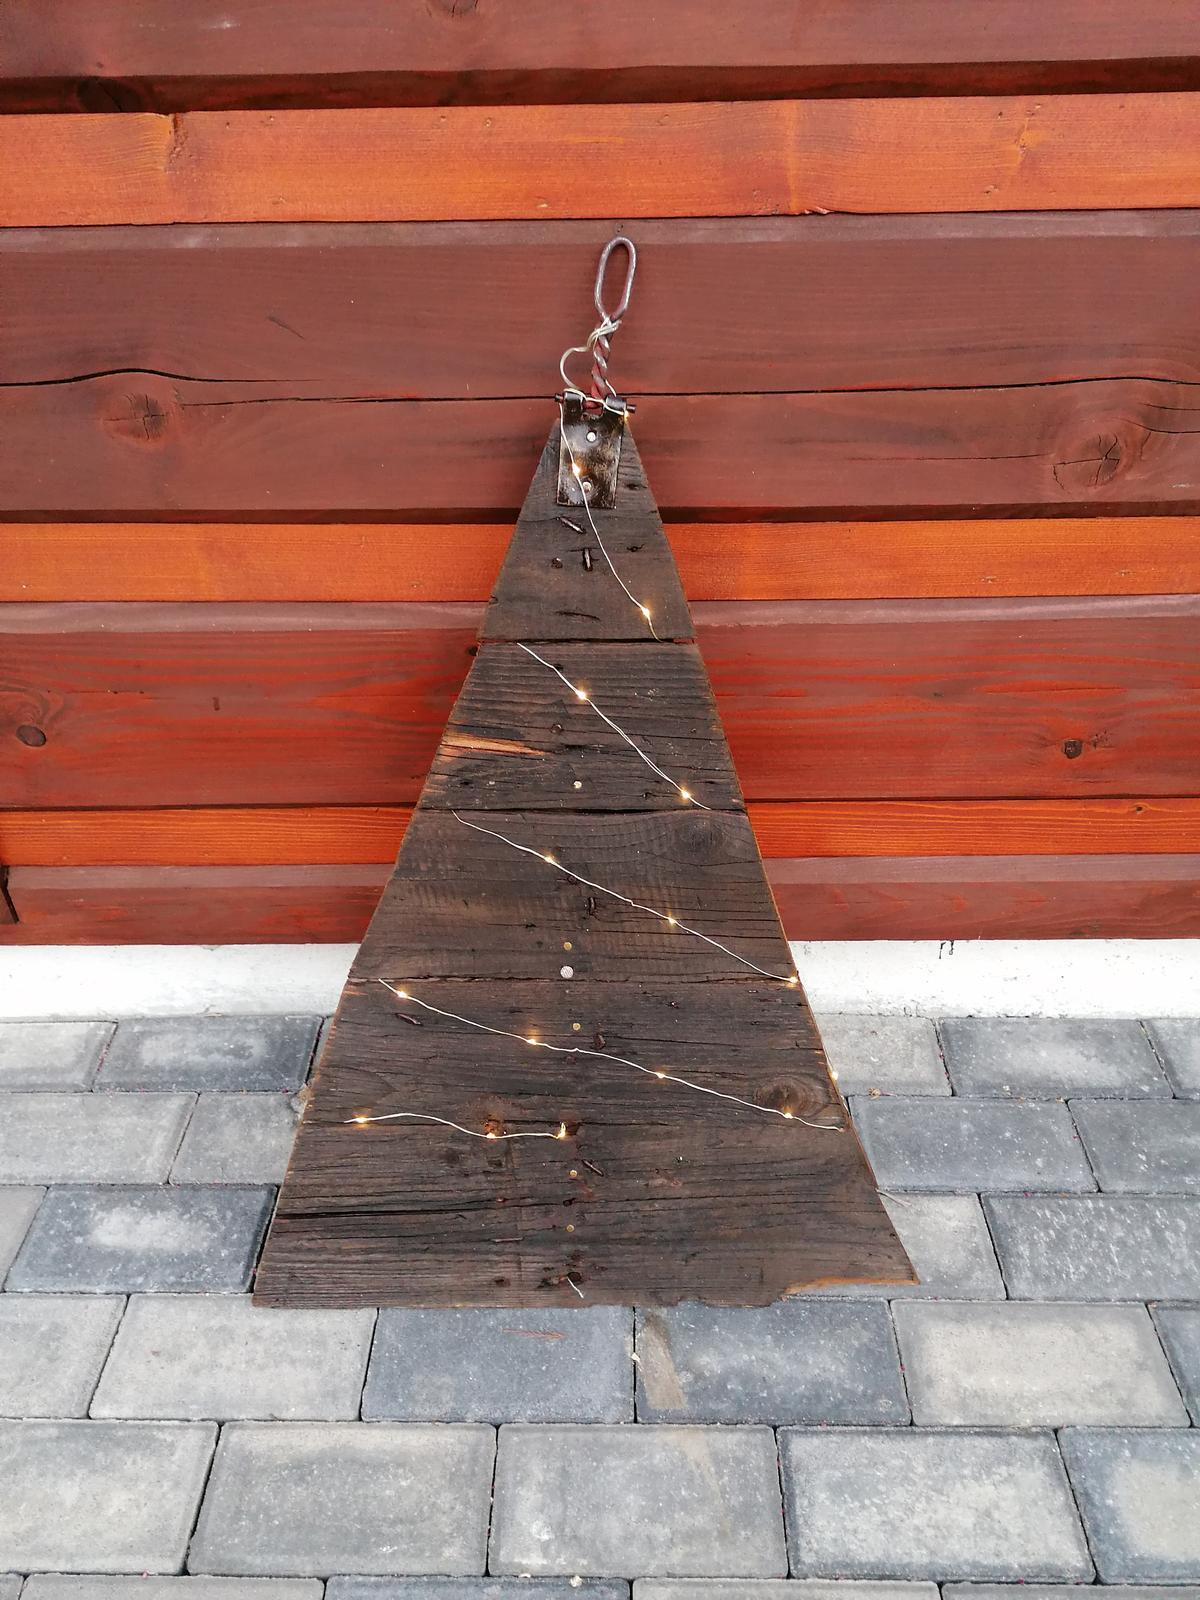 Náš veľký sen o drevenom domčeku! - Toto vytvorila dcéra ❤️